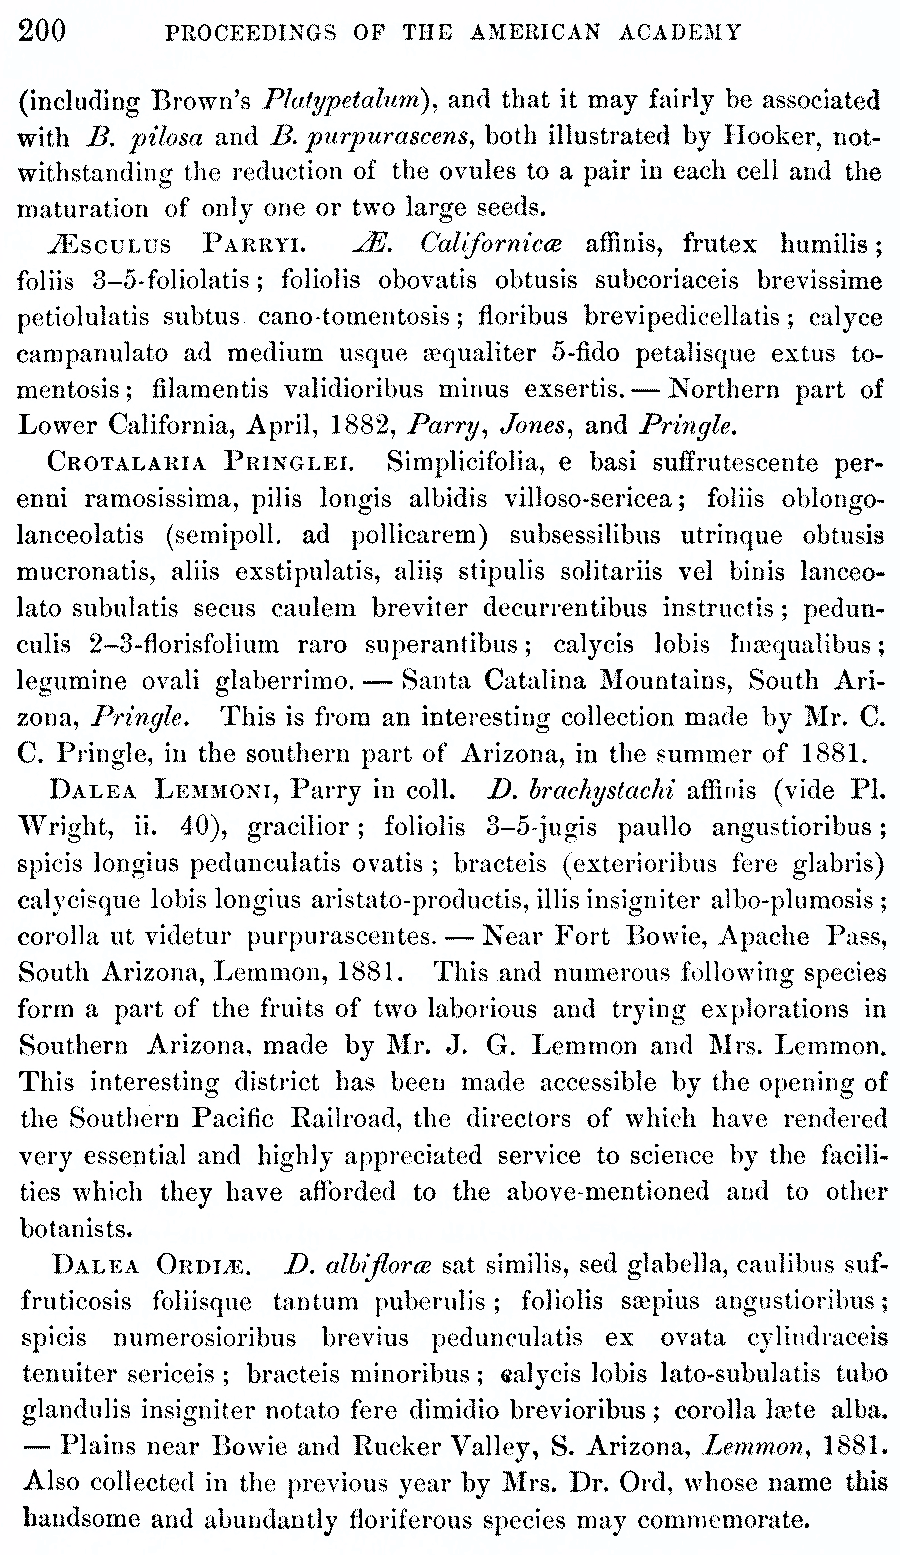 https://forum.plantarium.ru/misc.php?action=pun_attachment&item=30393